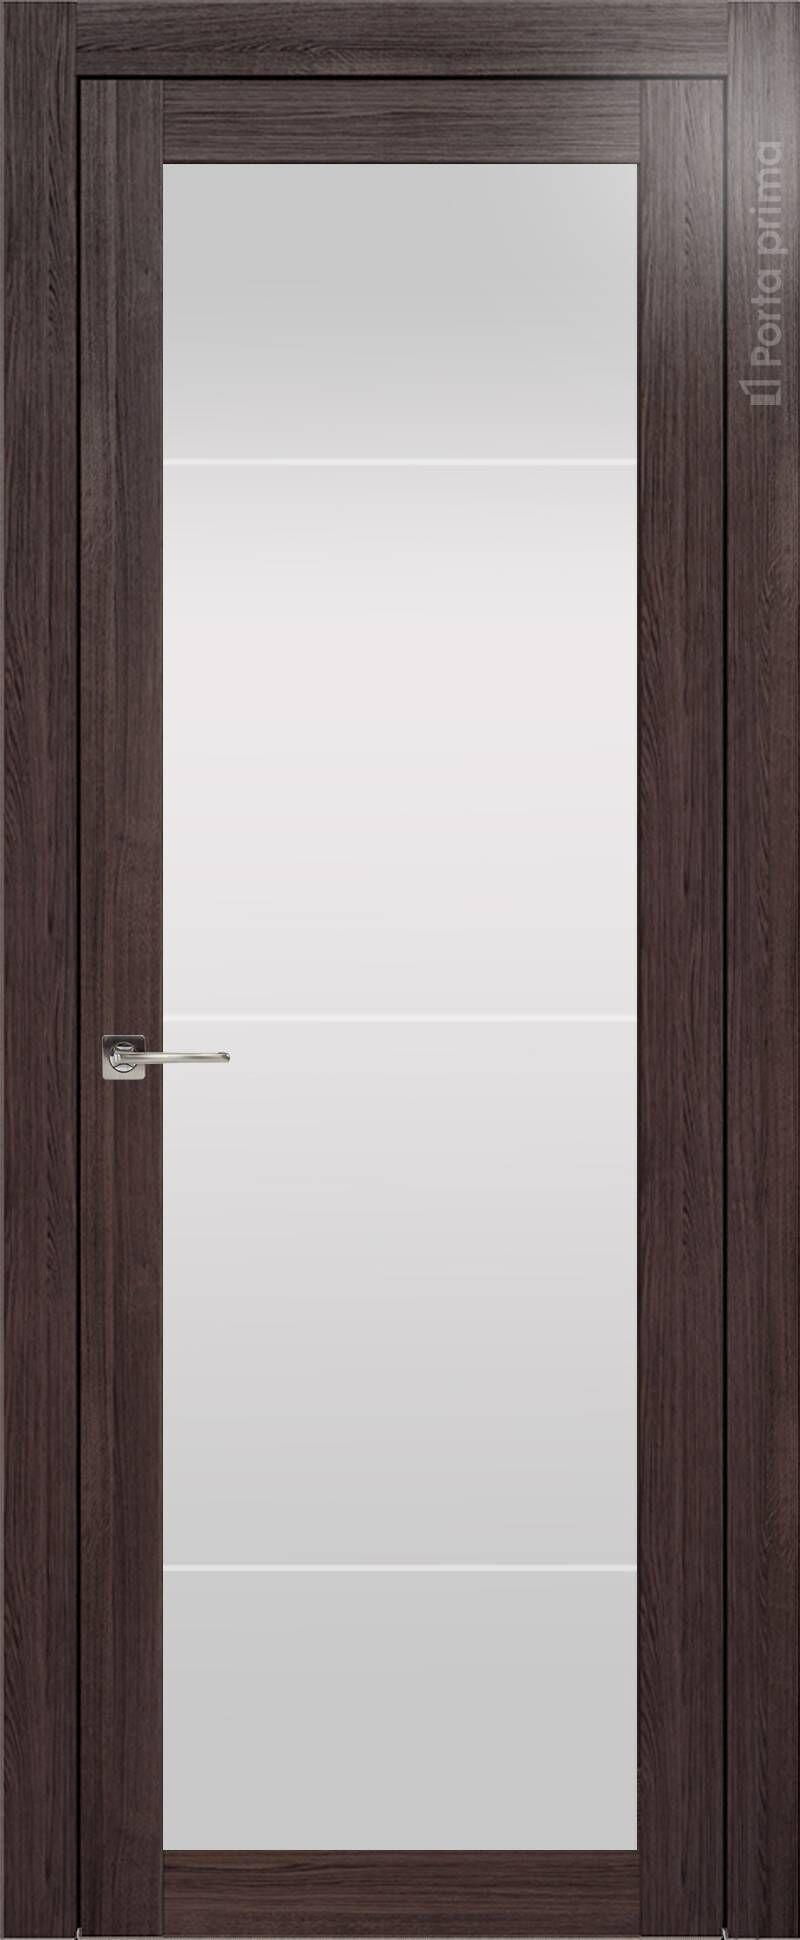 Tivoli З-3 цвет - Венге Нуар Со стеклом (ДО)